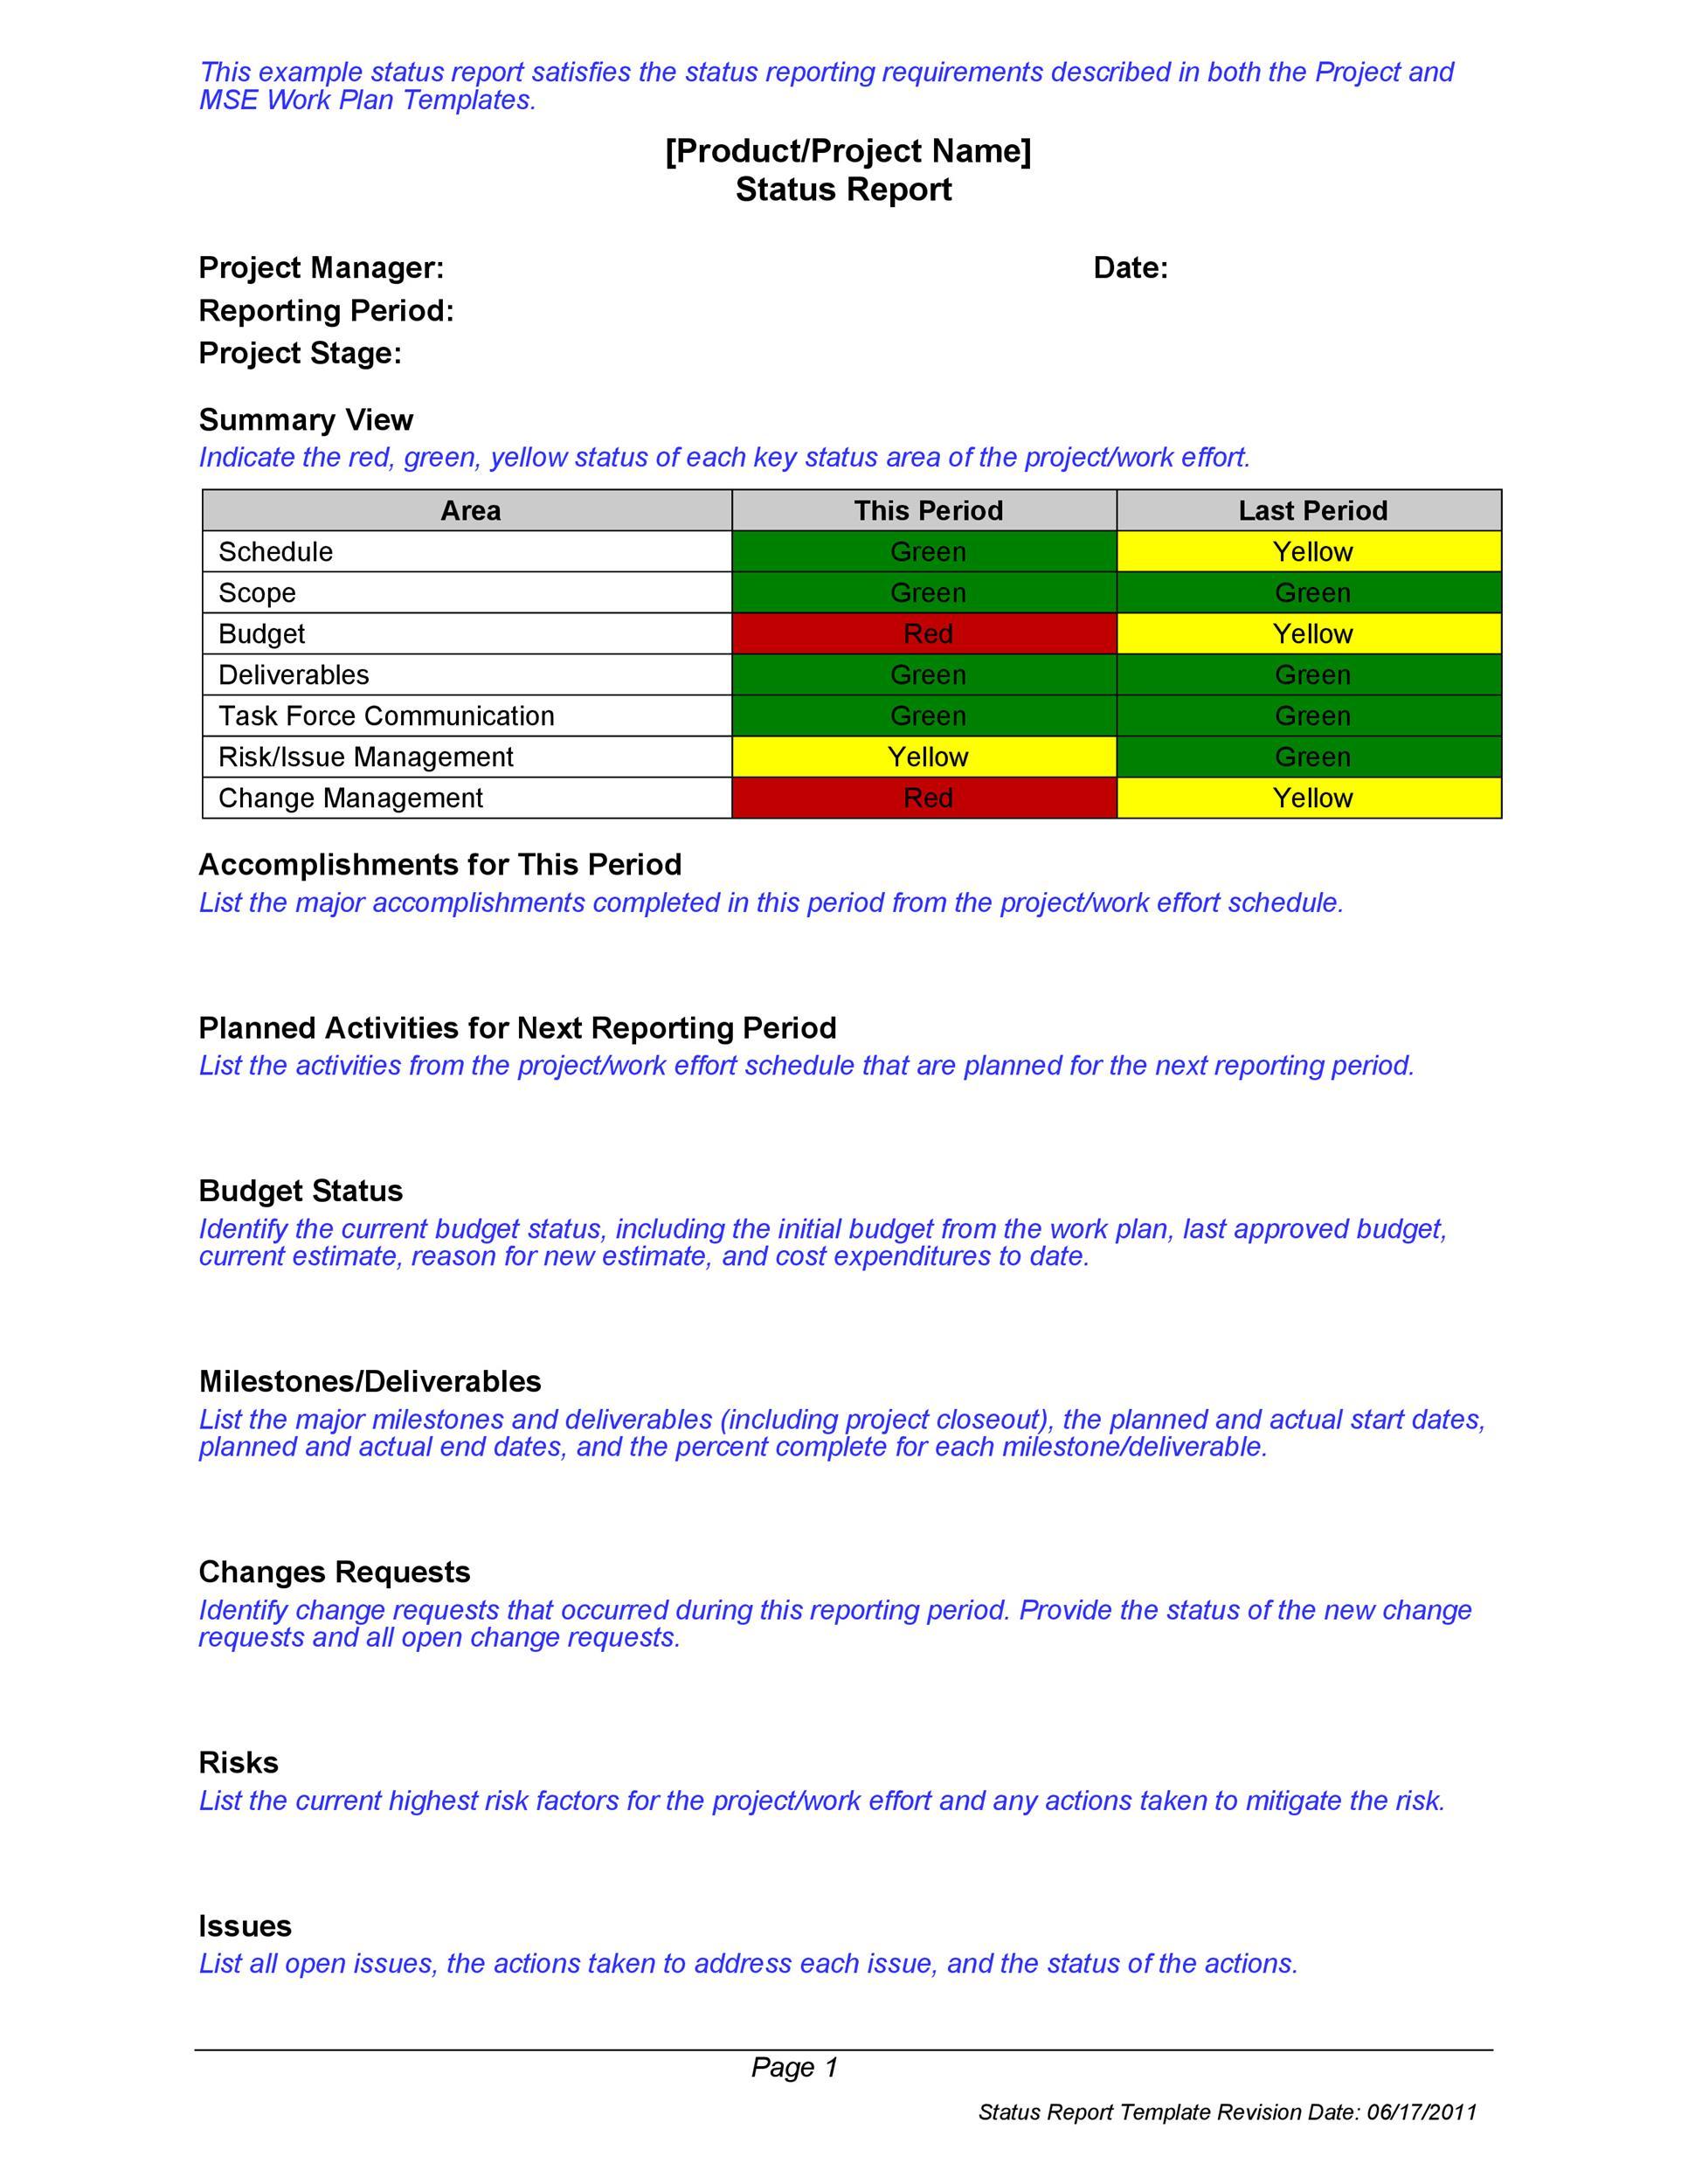 Free status report template 25